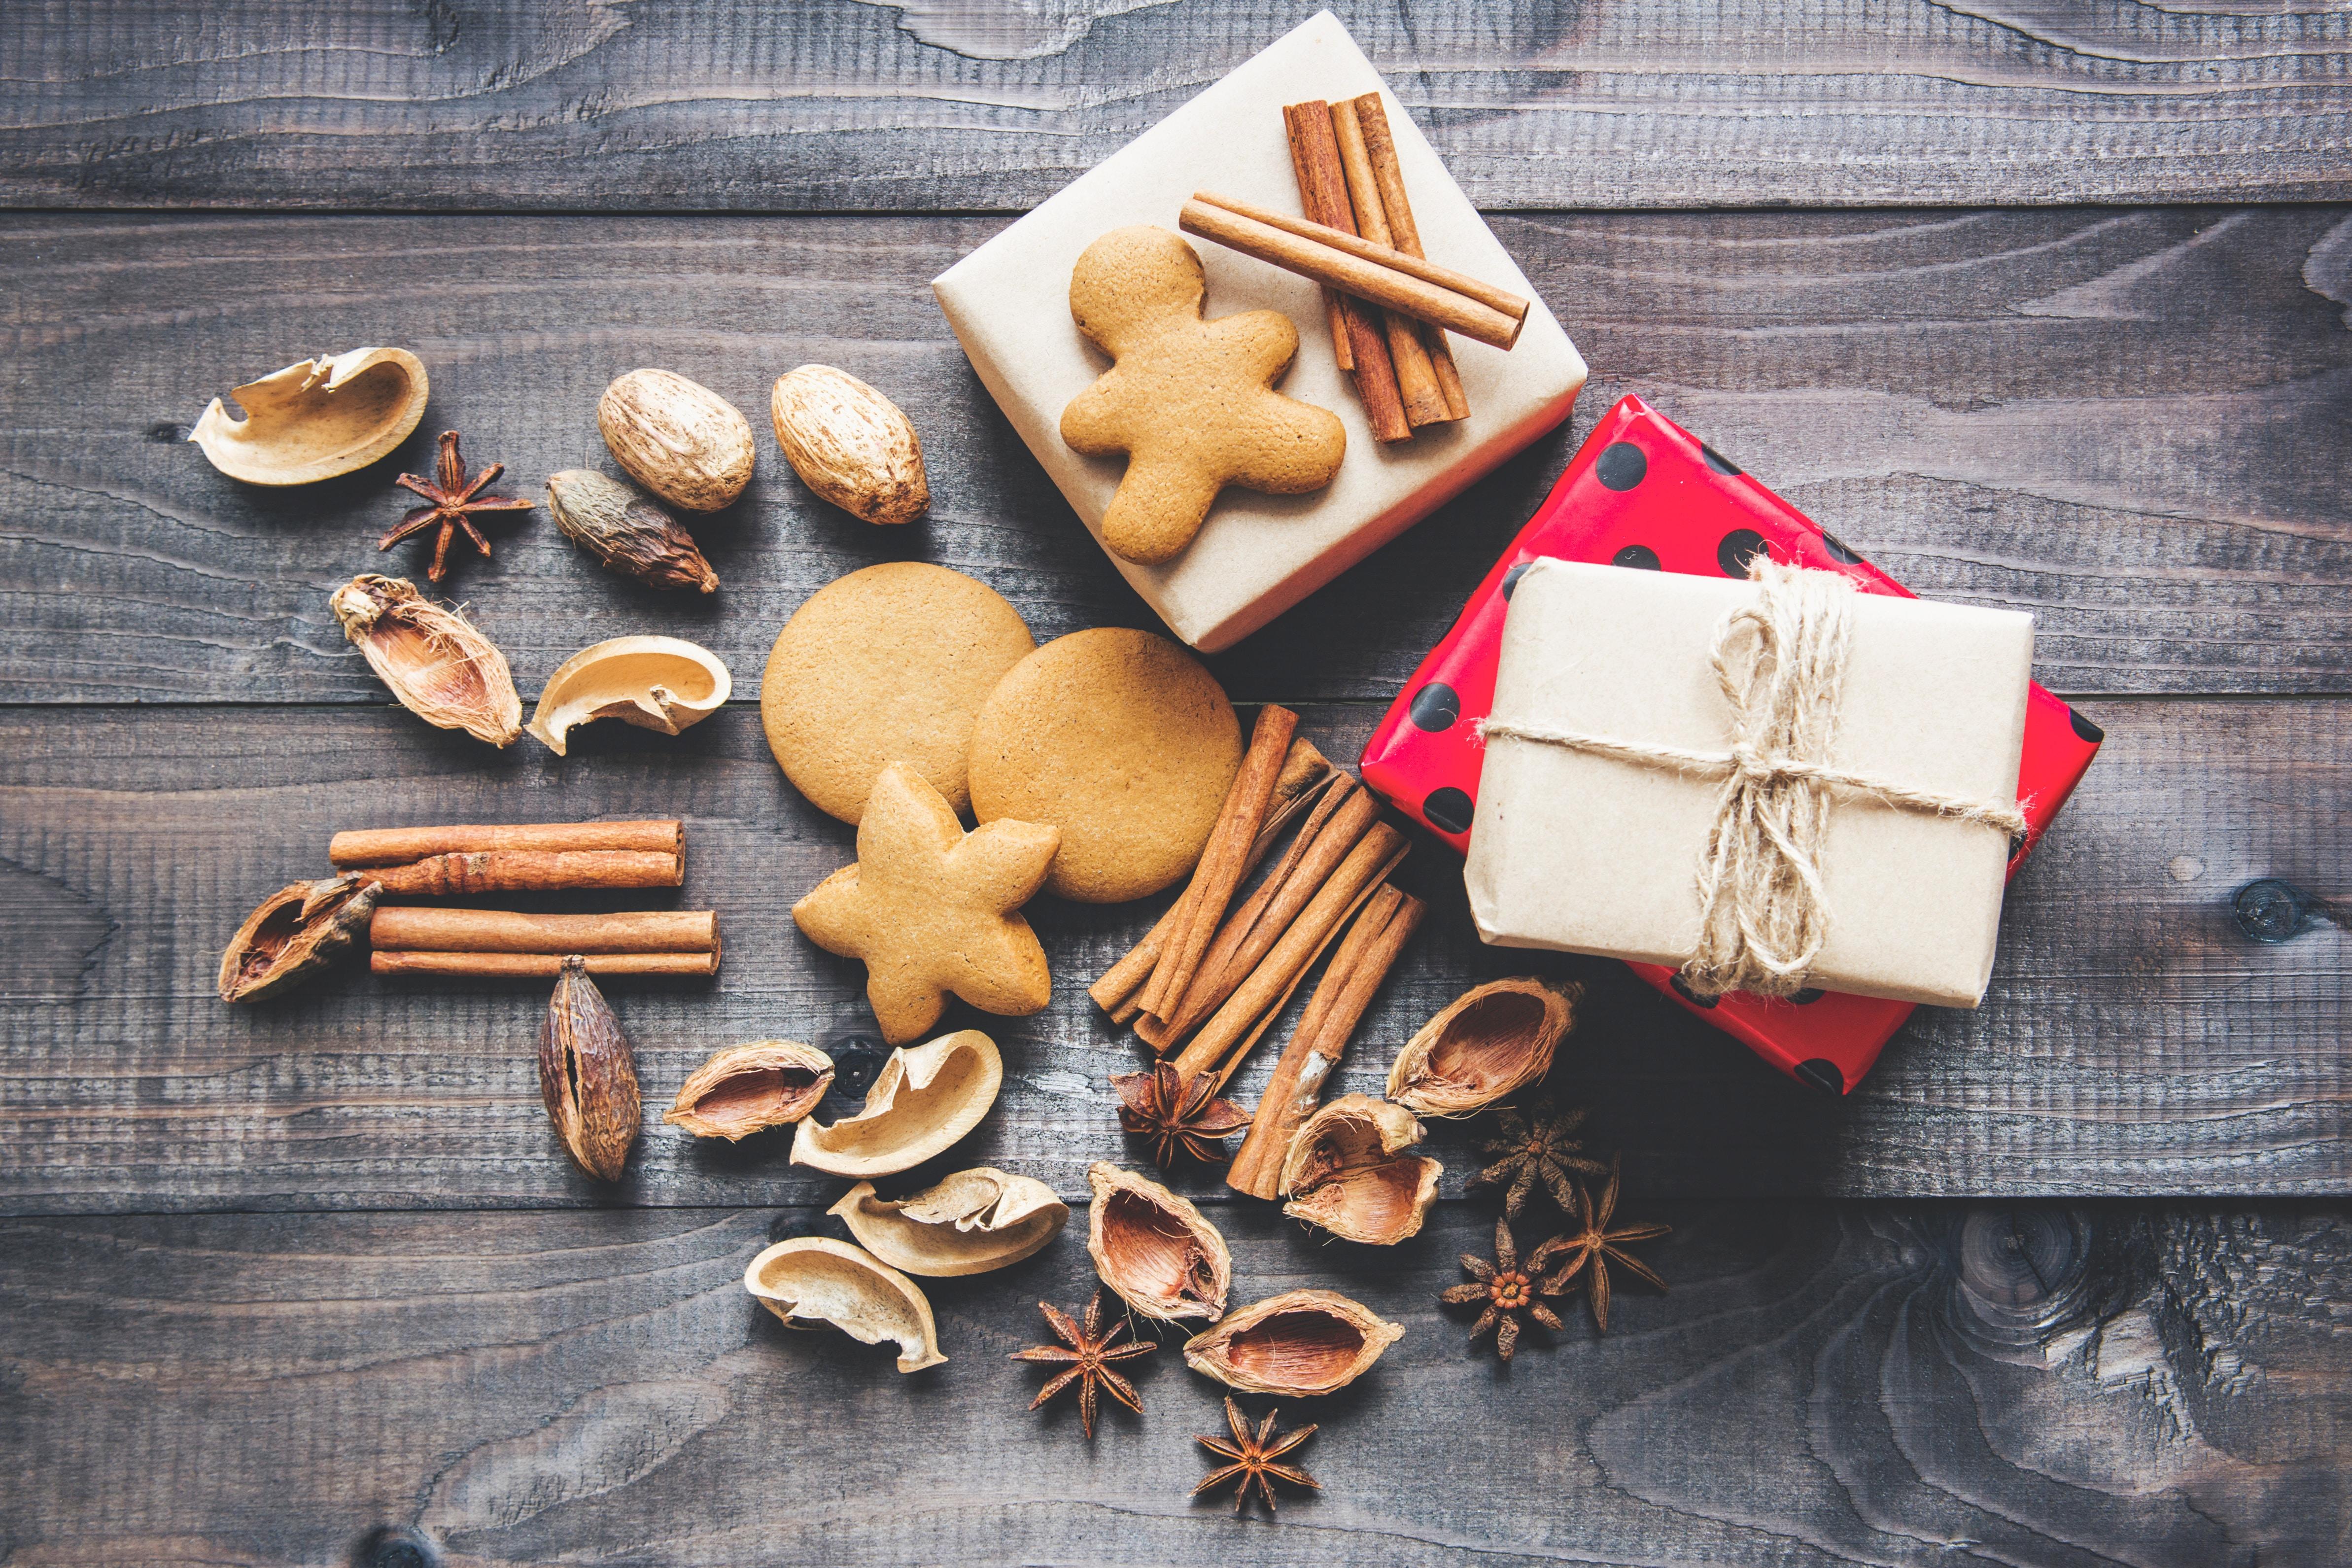 Fêtes de fin d'année : comment gérer les excès ?